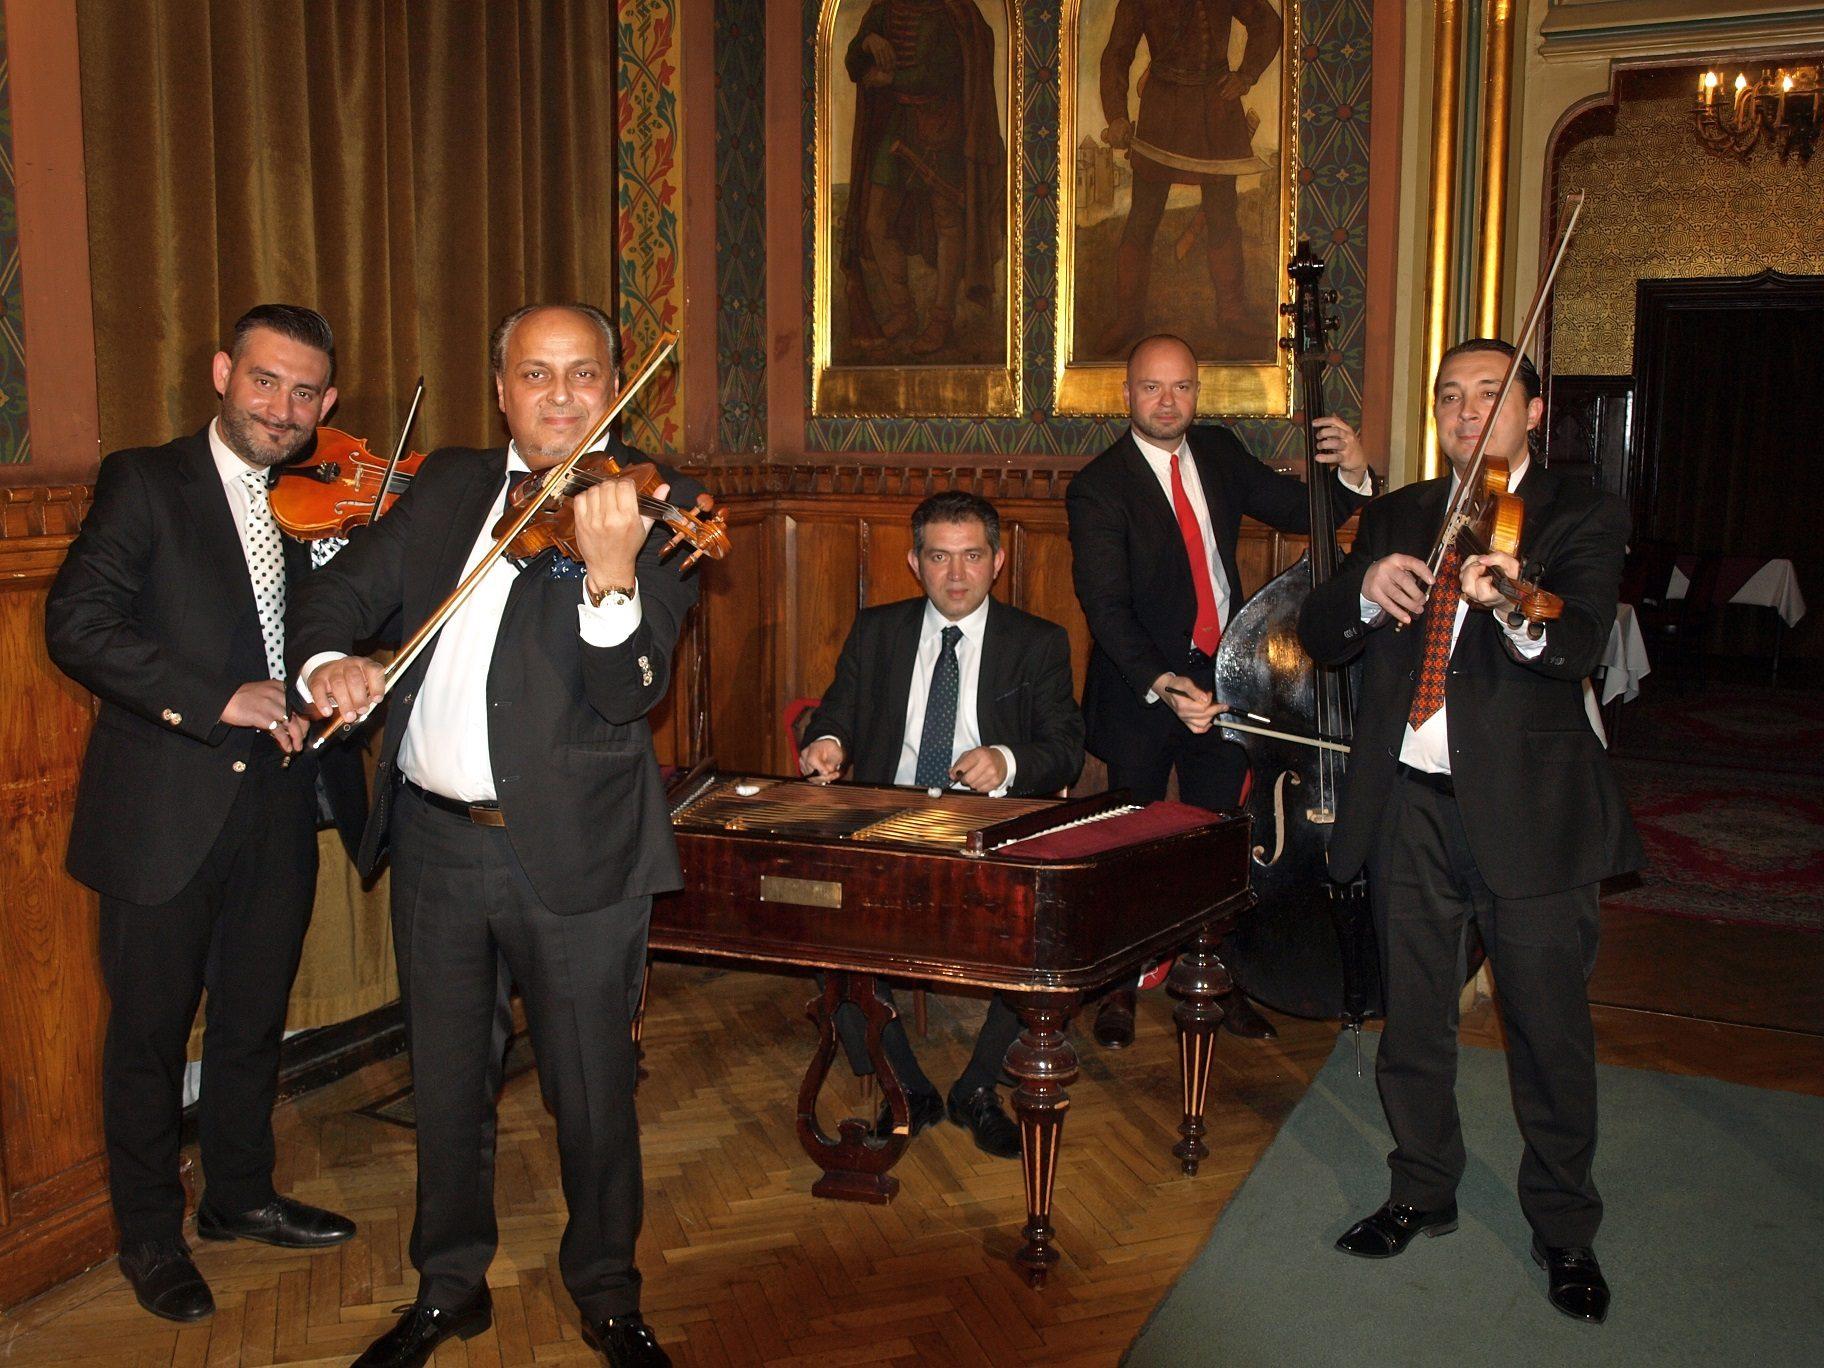 Vrijdag 9 november 2018 – Lajos Sárközi & Kárpátia orkest